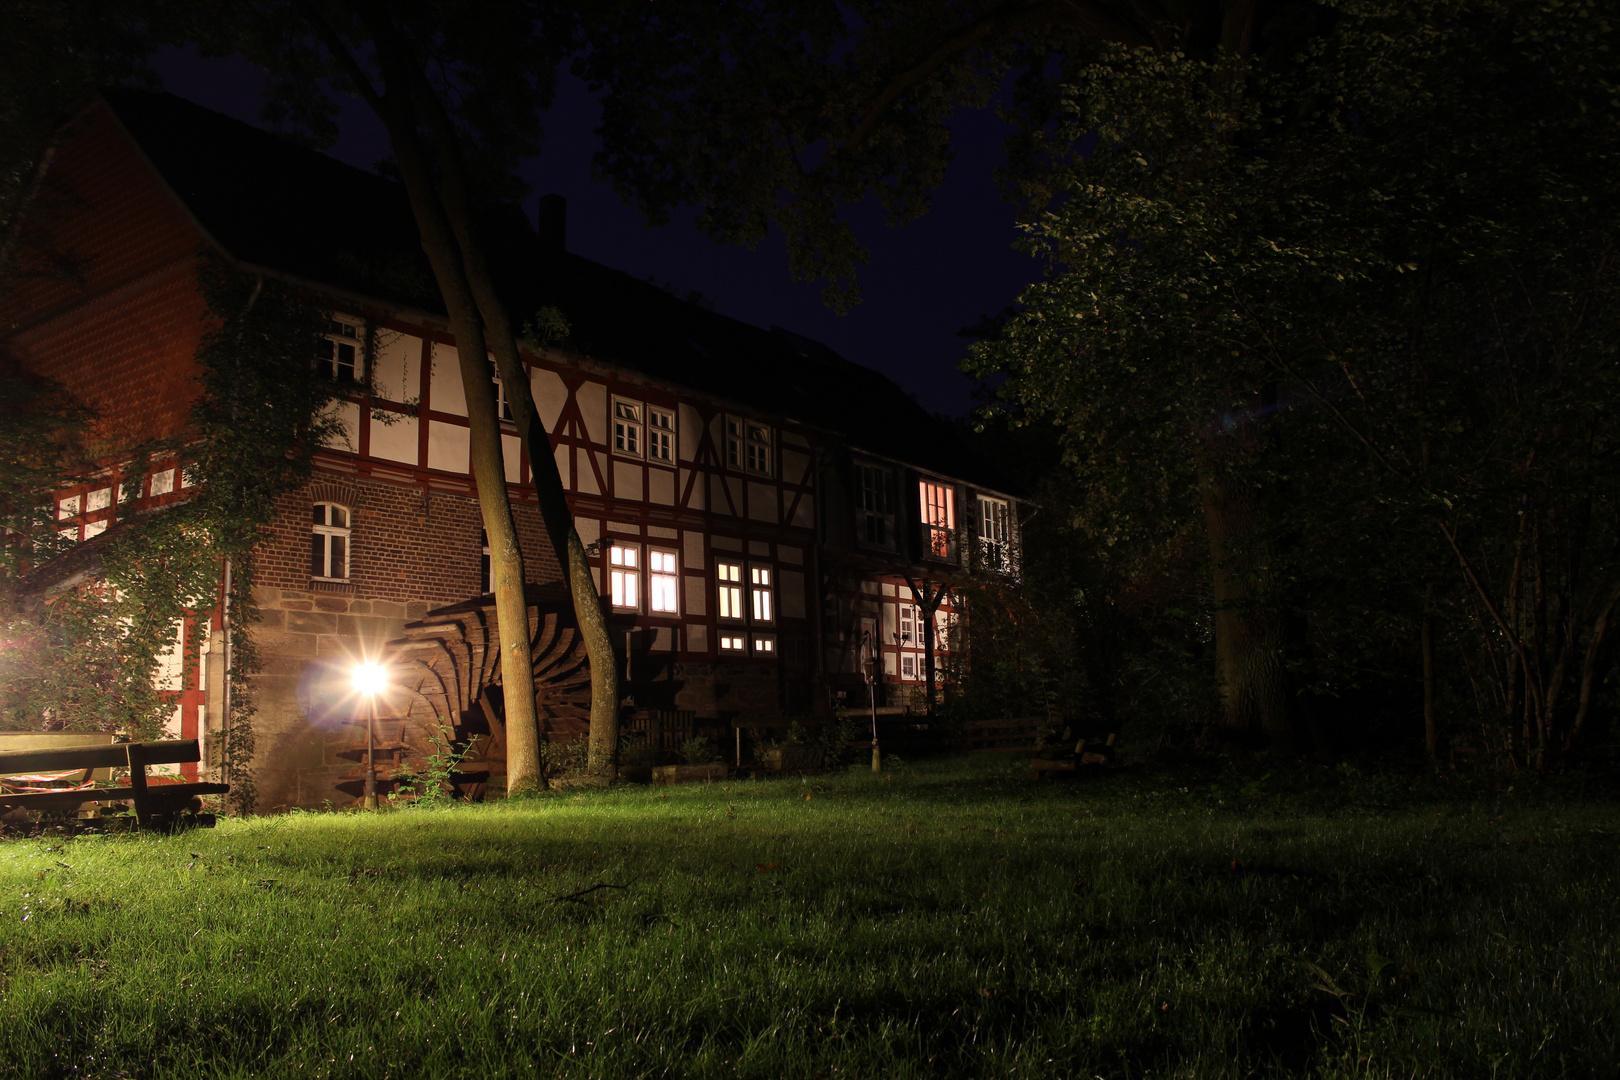 Nachtschicht an der Hohlebachmühle...